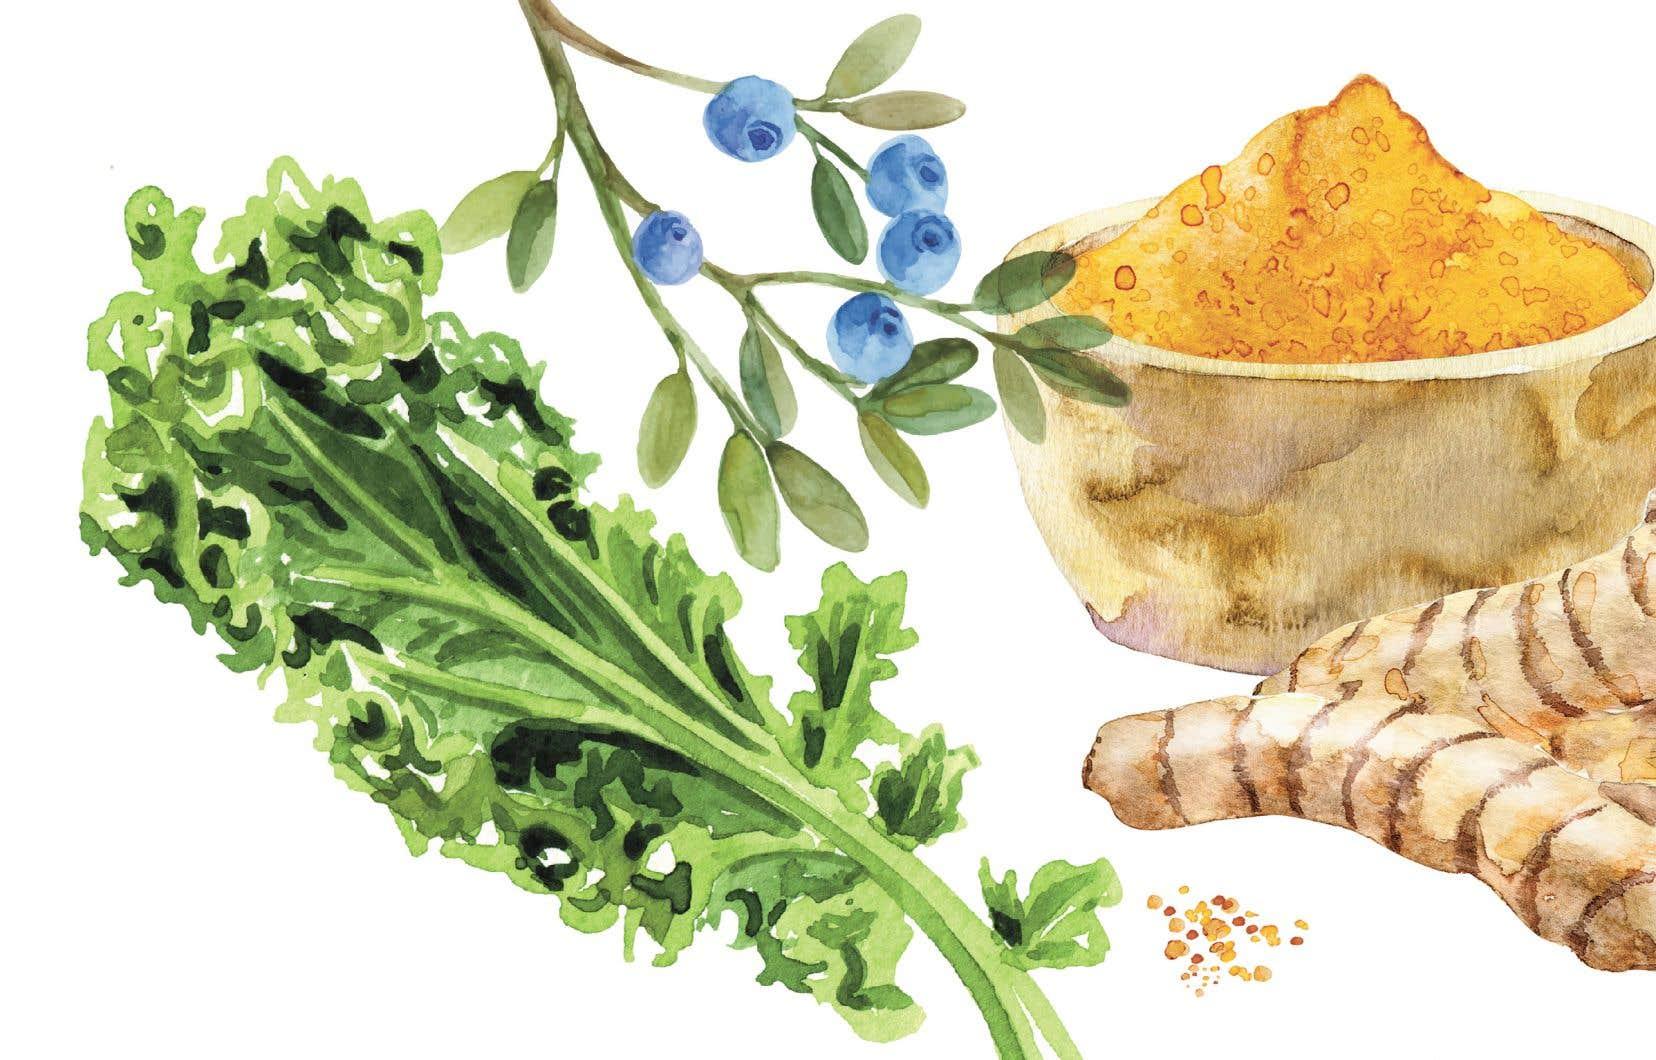 Le curcuma, les bleuets, le kale ont été élevés au rang de «superaliments». Qu'en est-il réellement?